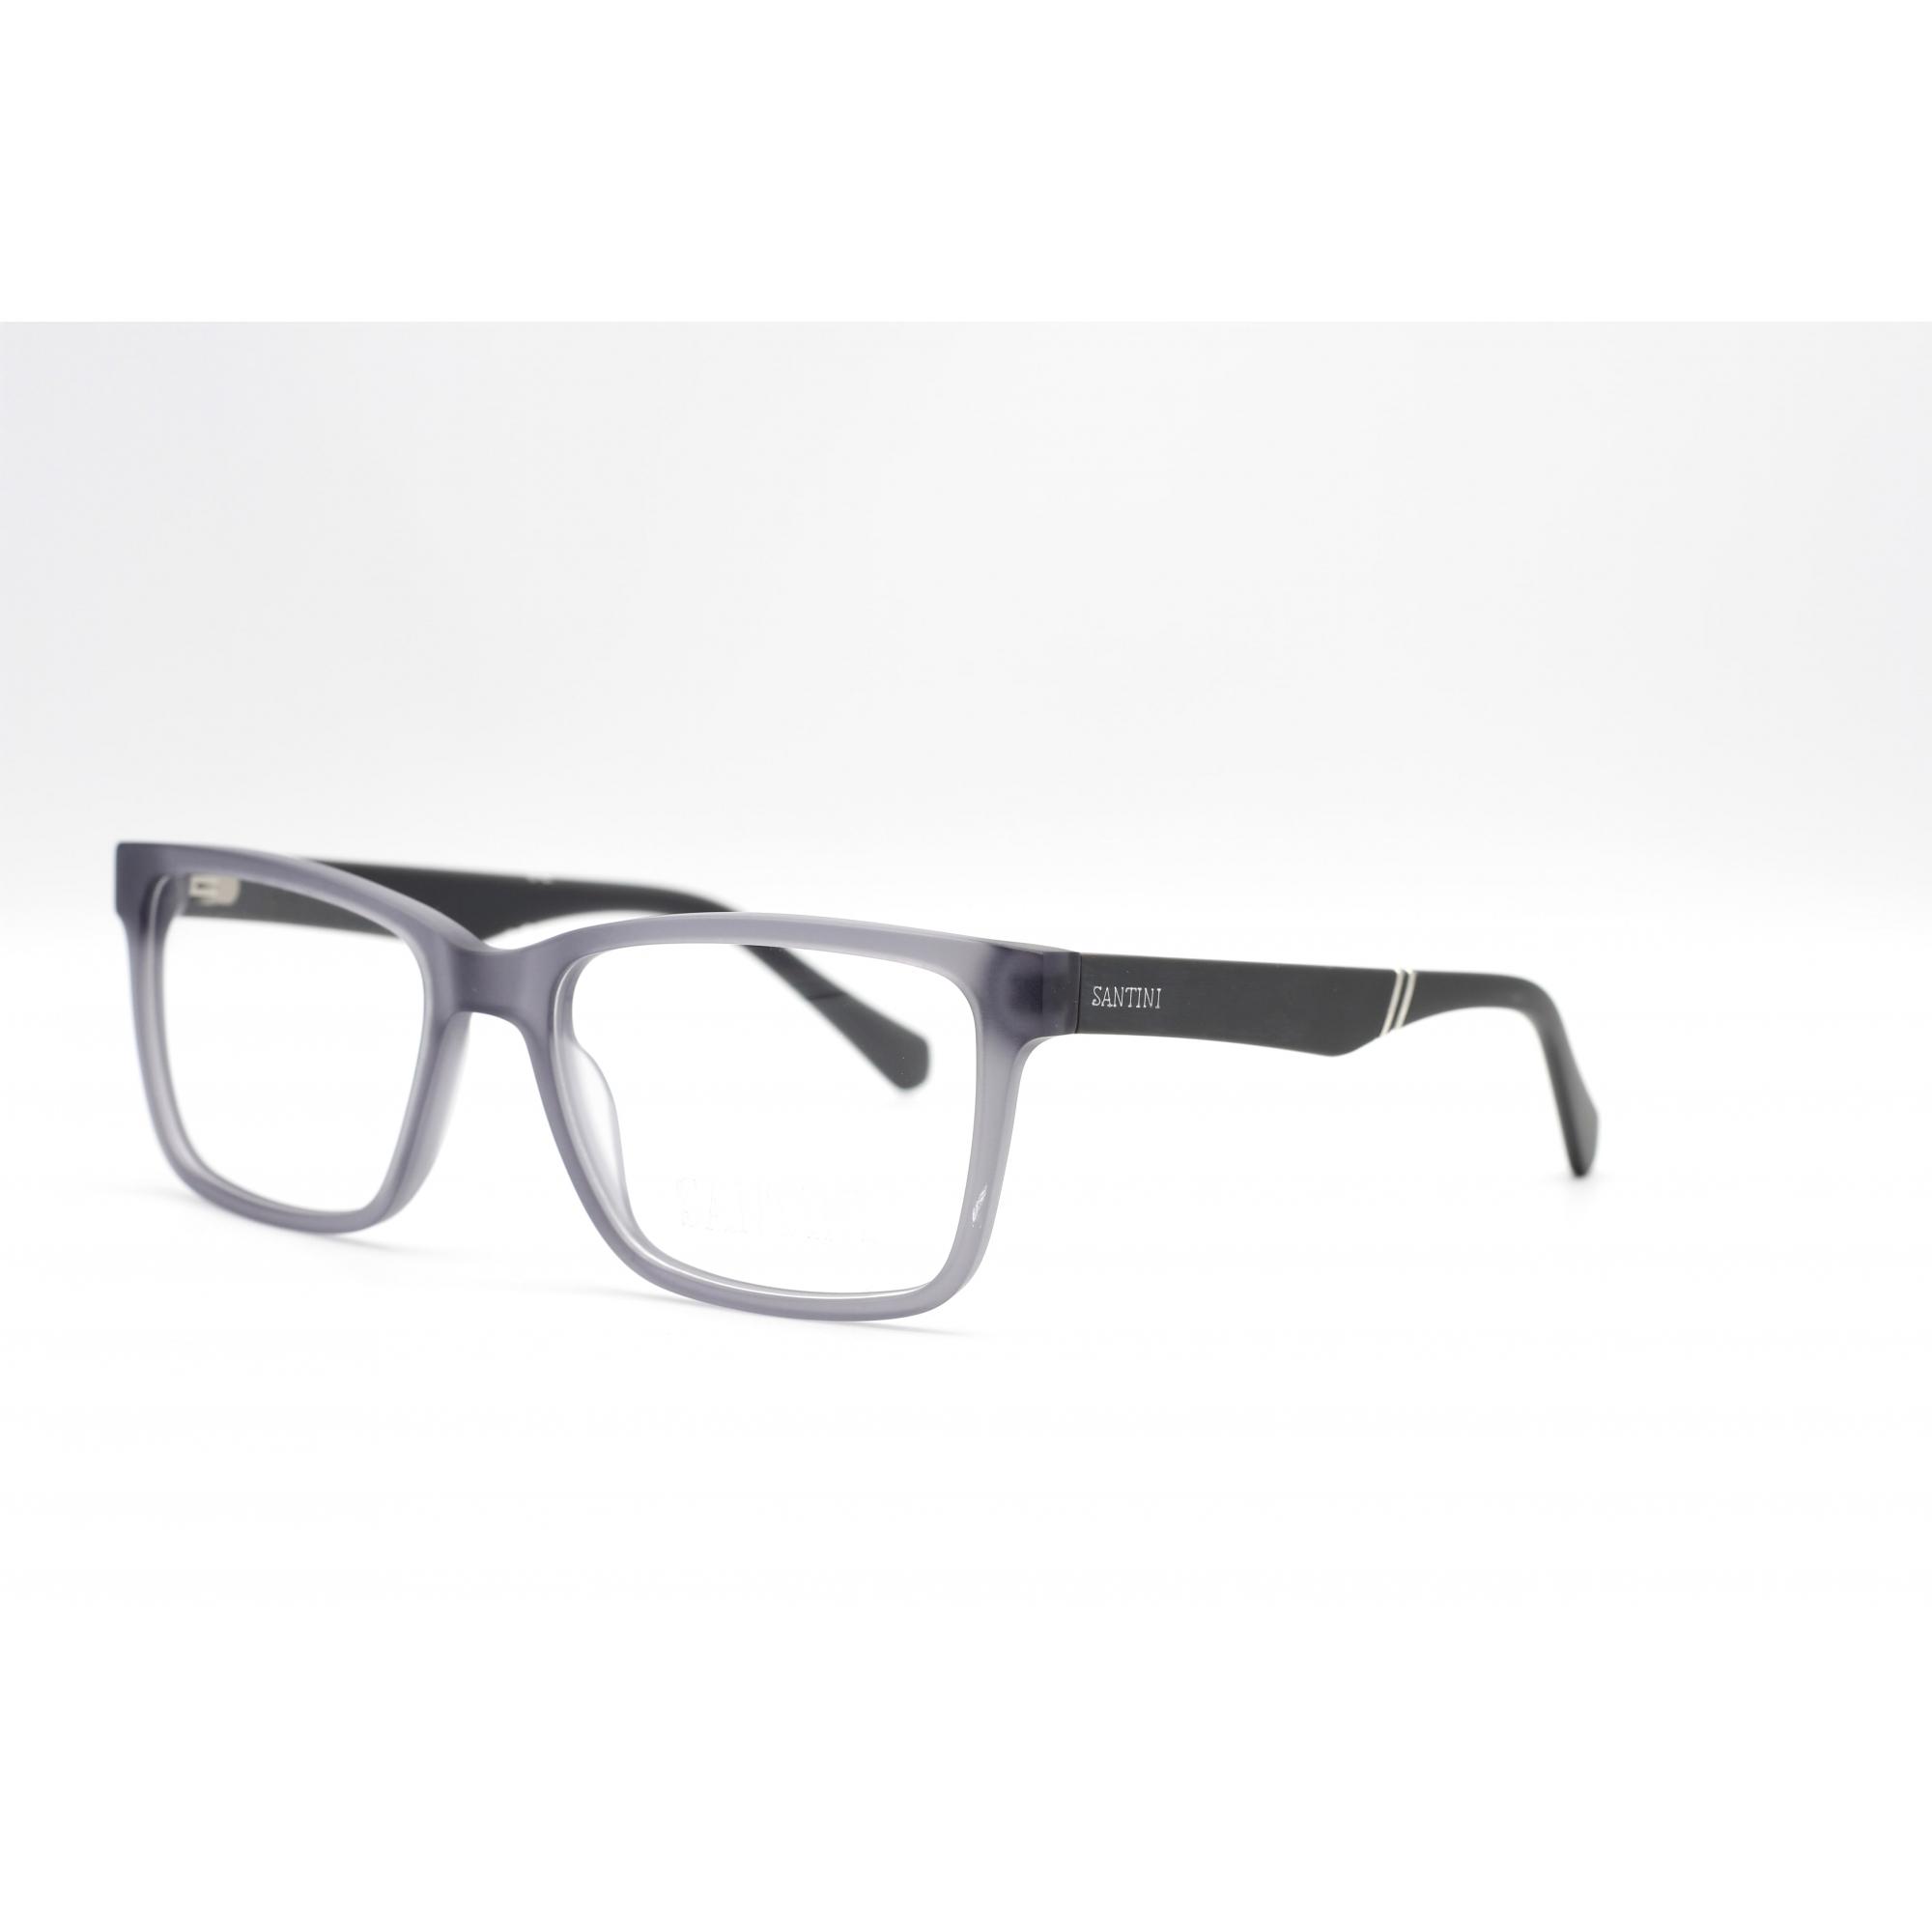 Armação com óculos sem grau, SANTINI Masculina em cor preto Ref MB4588 C3 56